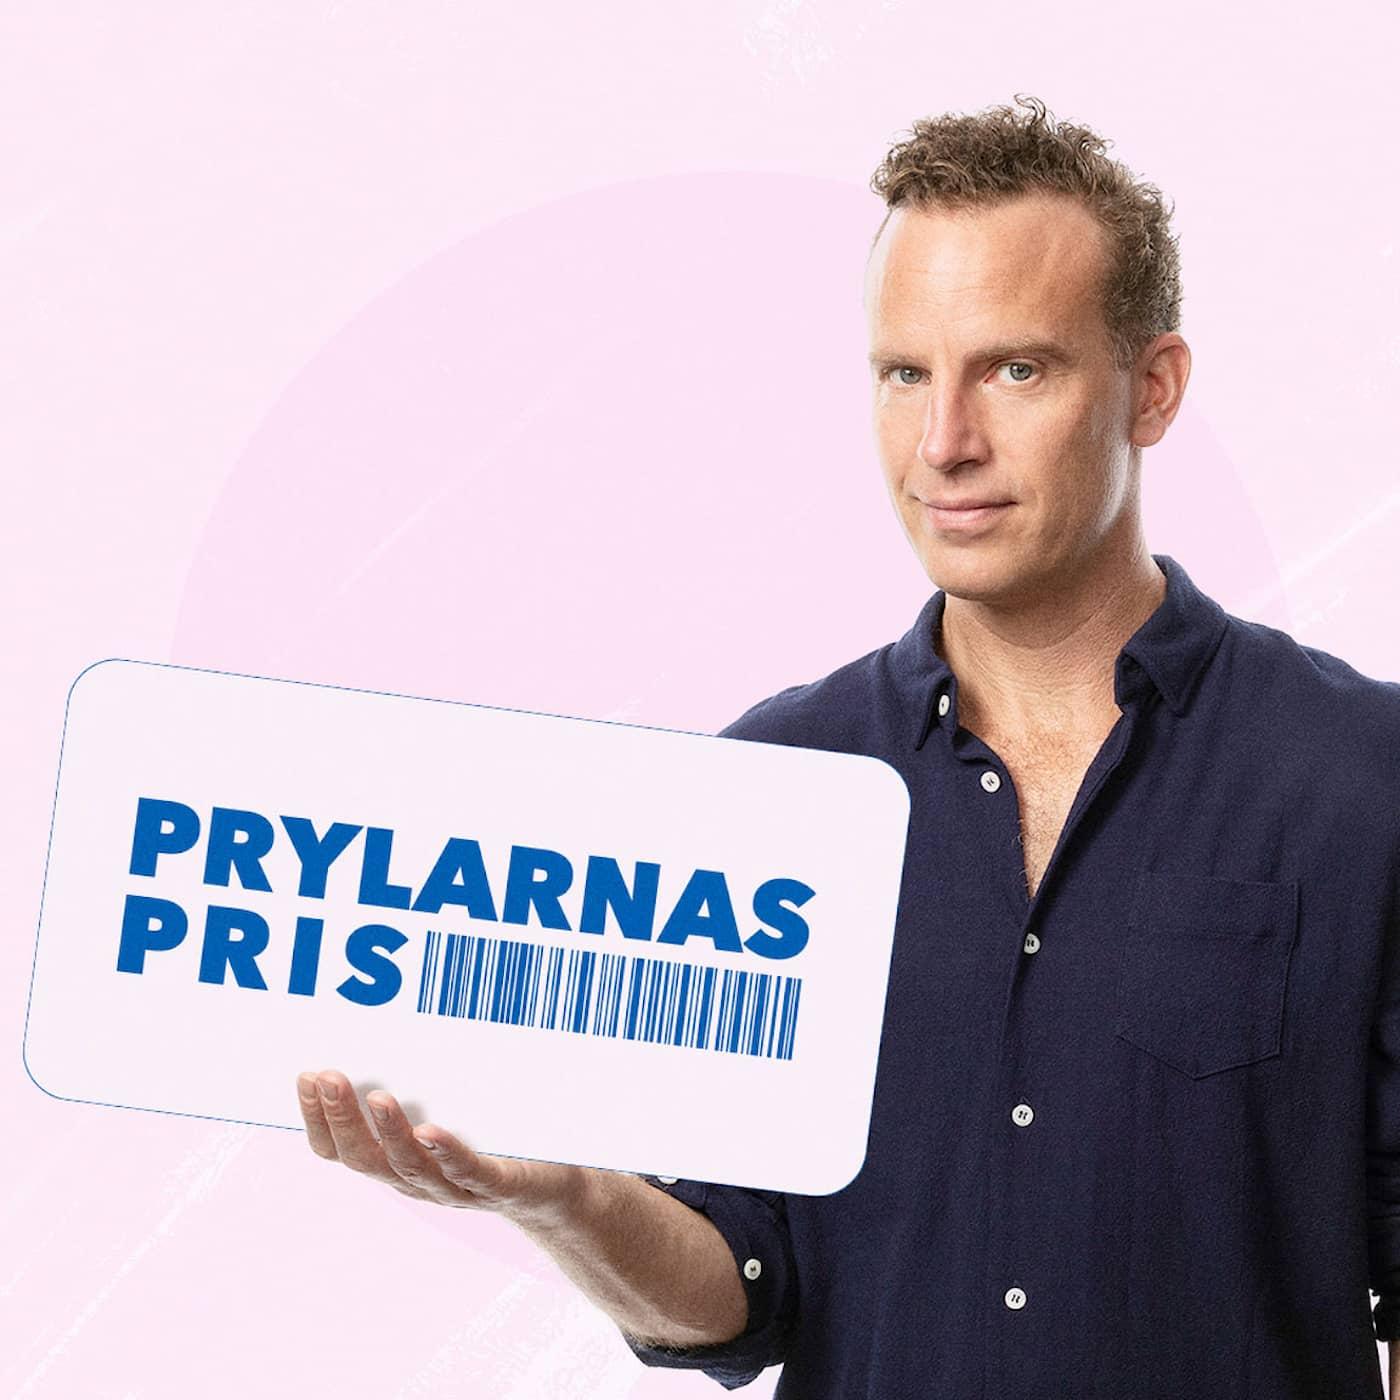 Prylarnas Pris